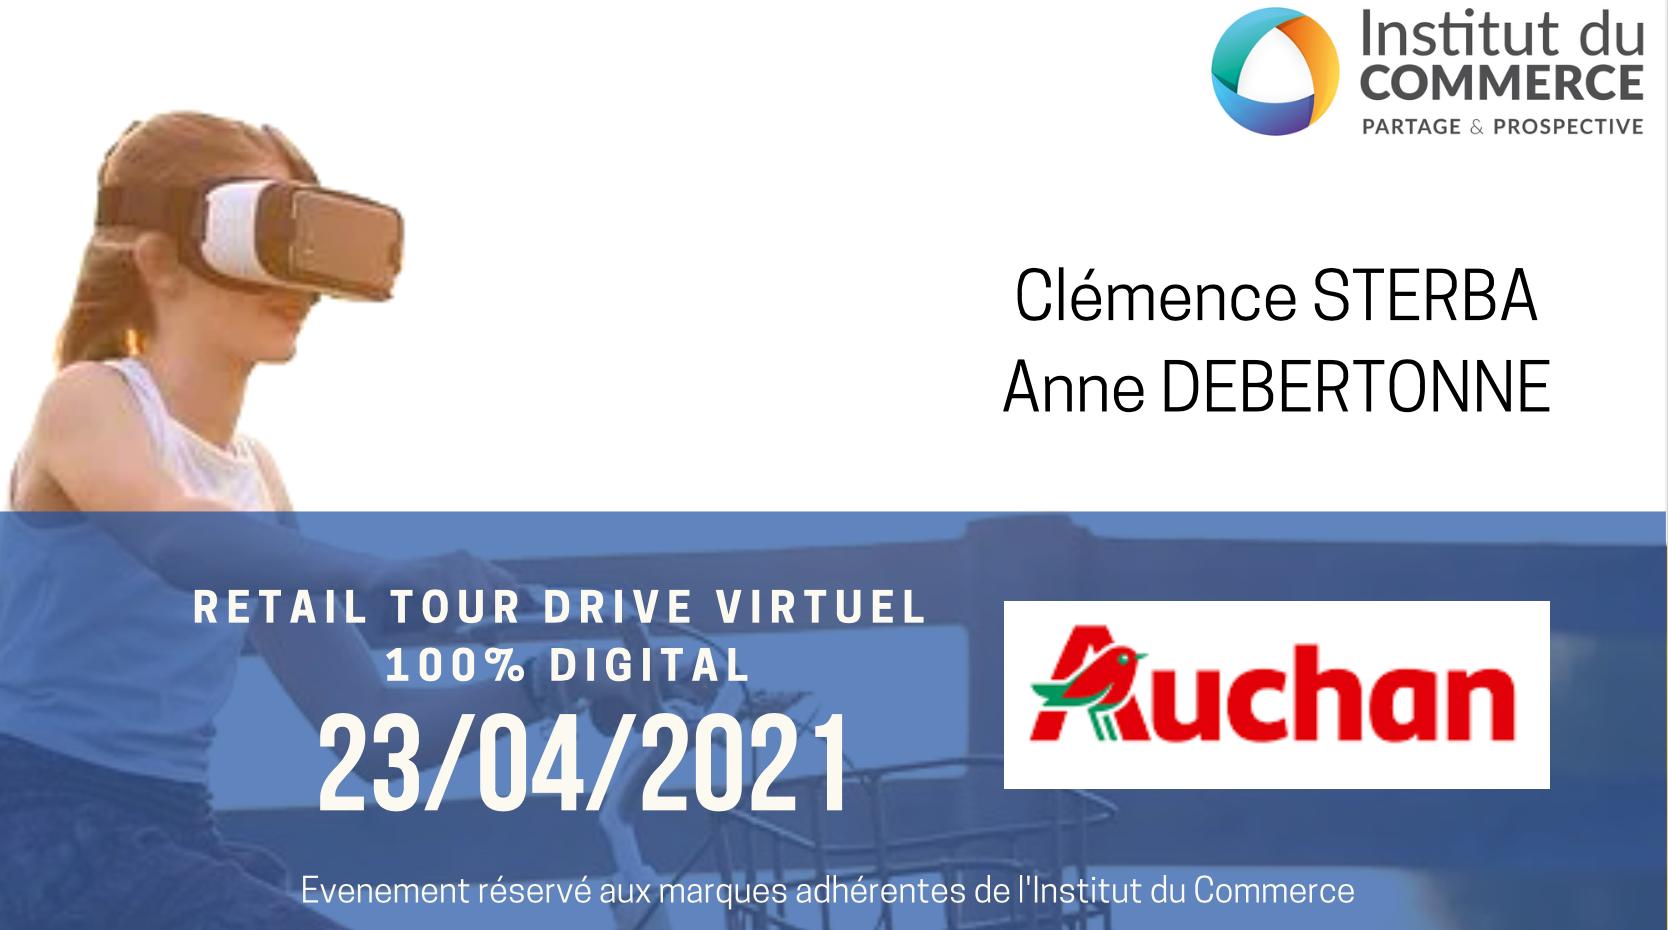 Retail Tour Virtuel E-commerce Auchan